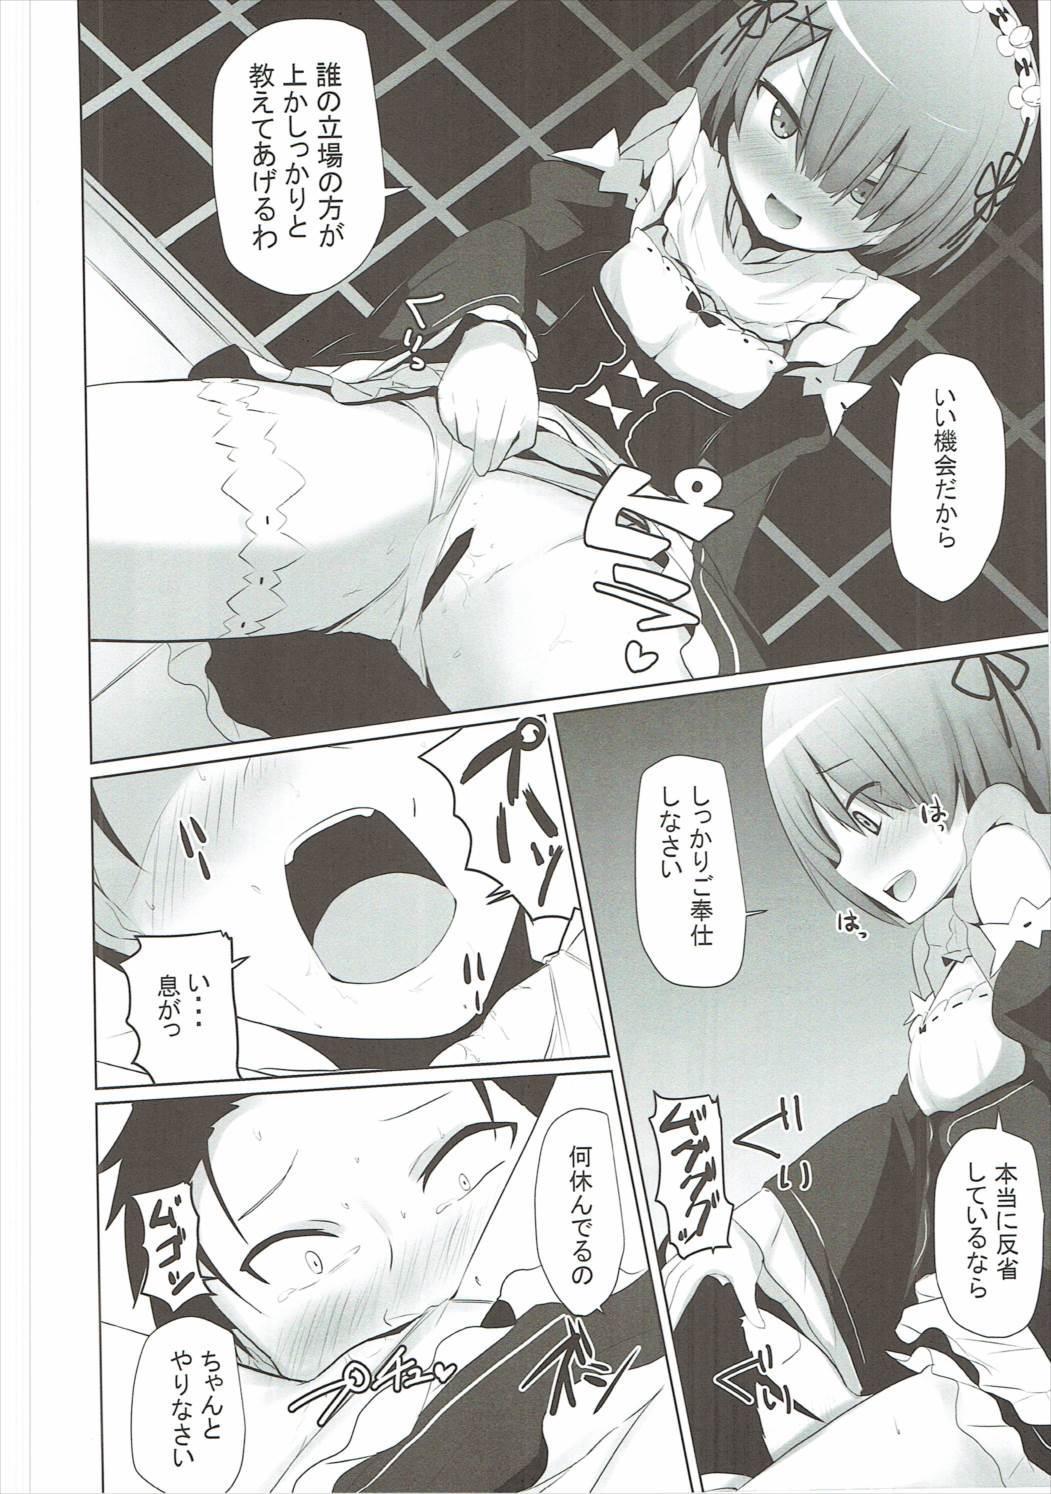 Zero kara Hajimeru Genan Seikatsu 14